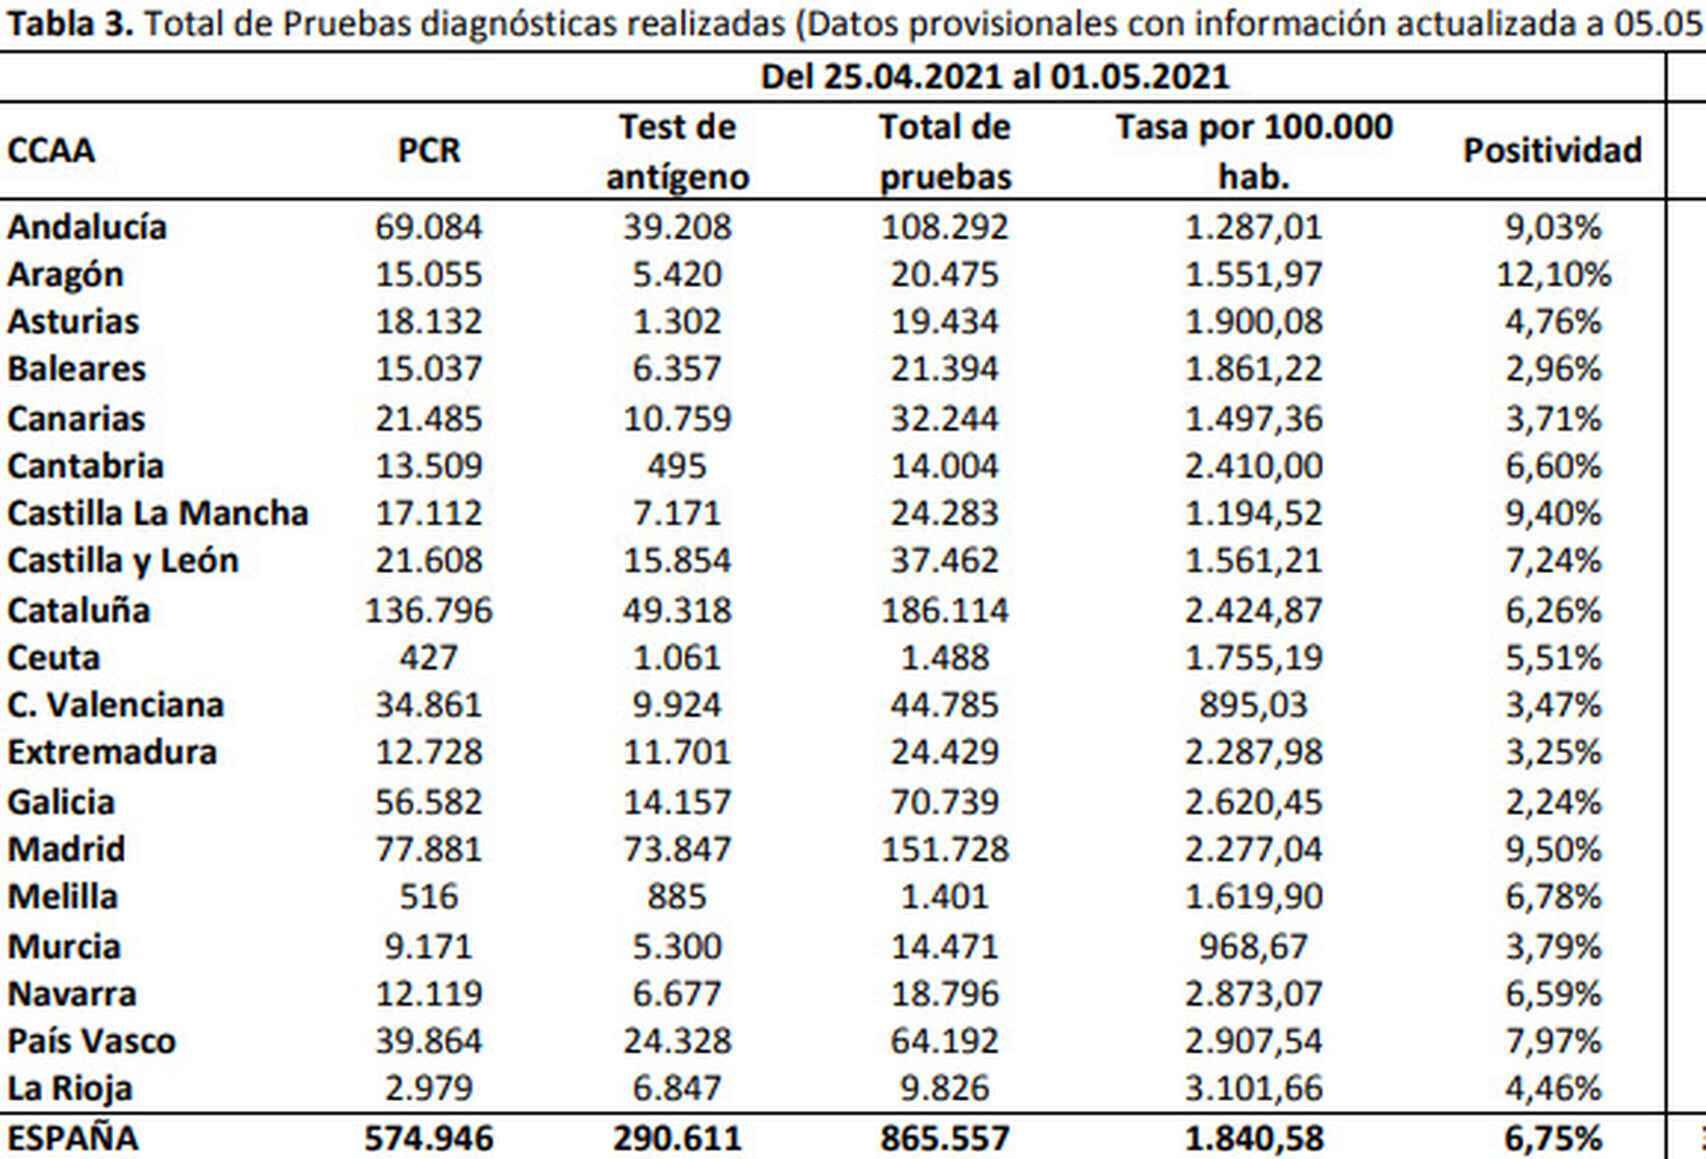 Total de pruebas realizadas por CC.AA